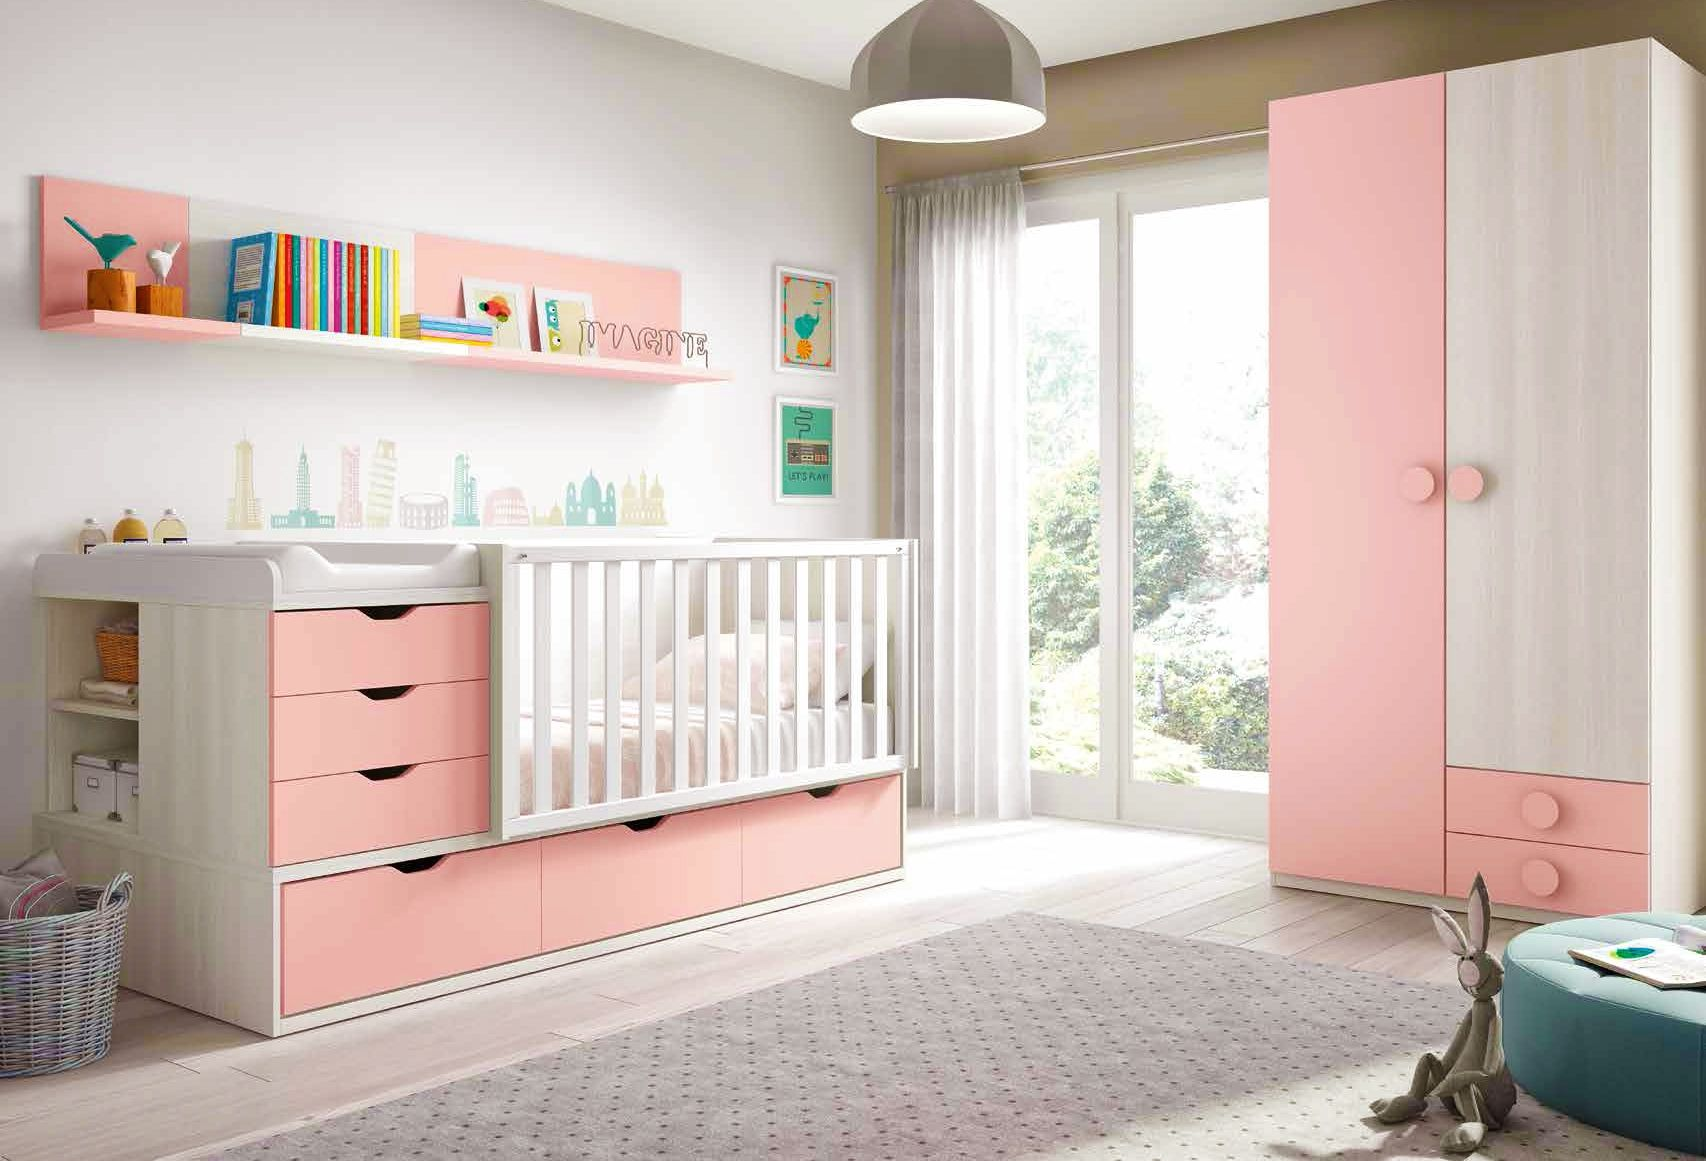 Chambre de bébé  Chambre bébé & puériculture > Chambre bébé